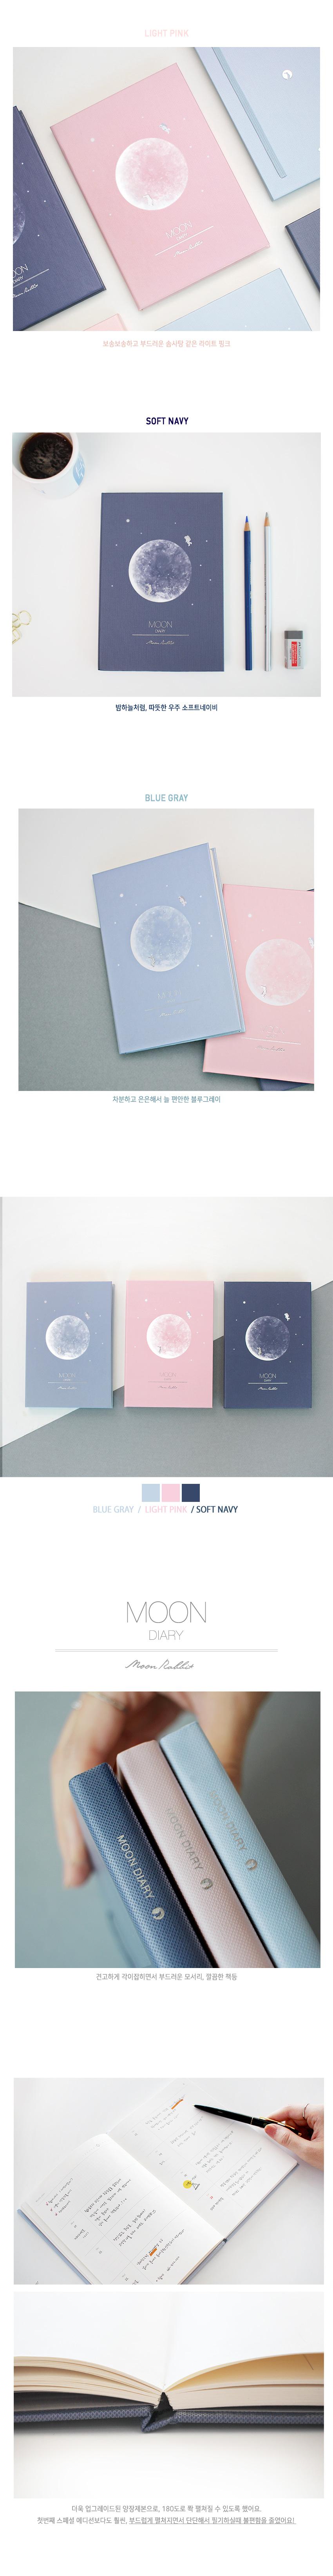 Moon diary Special edition15,000원-대시앤도트디자인문구, 다이어리/캘린더, 만년형, 심플/베이직바보사랑Moon diary Special edition15,000원-대시앤도트디자인문구, 다이어리/캘린더, 만년형, 심플/베이직바보사랑